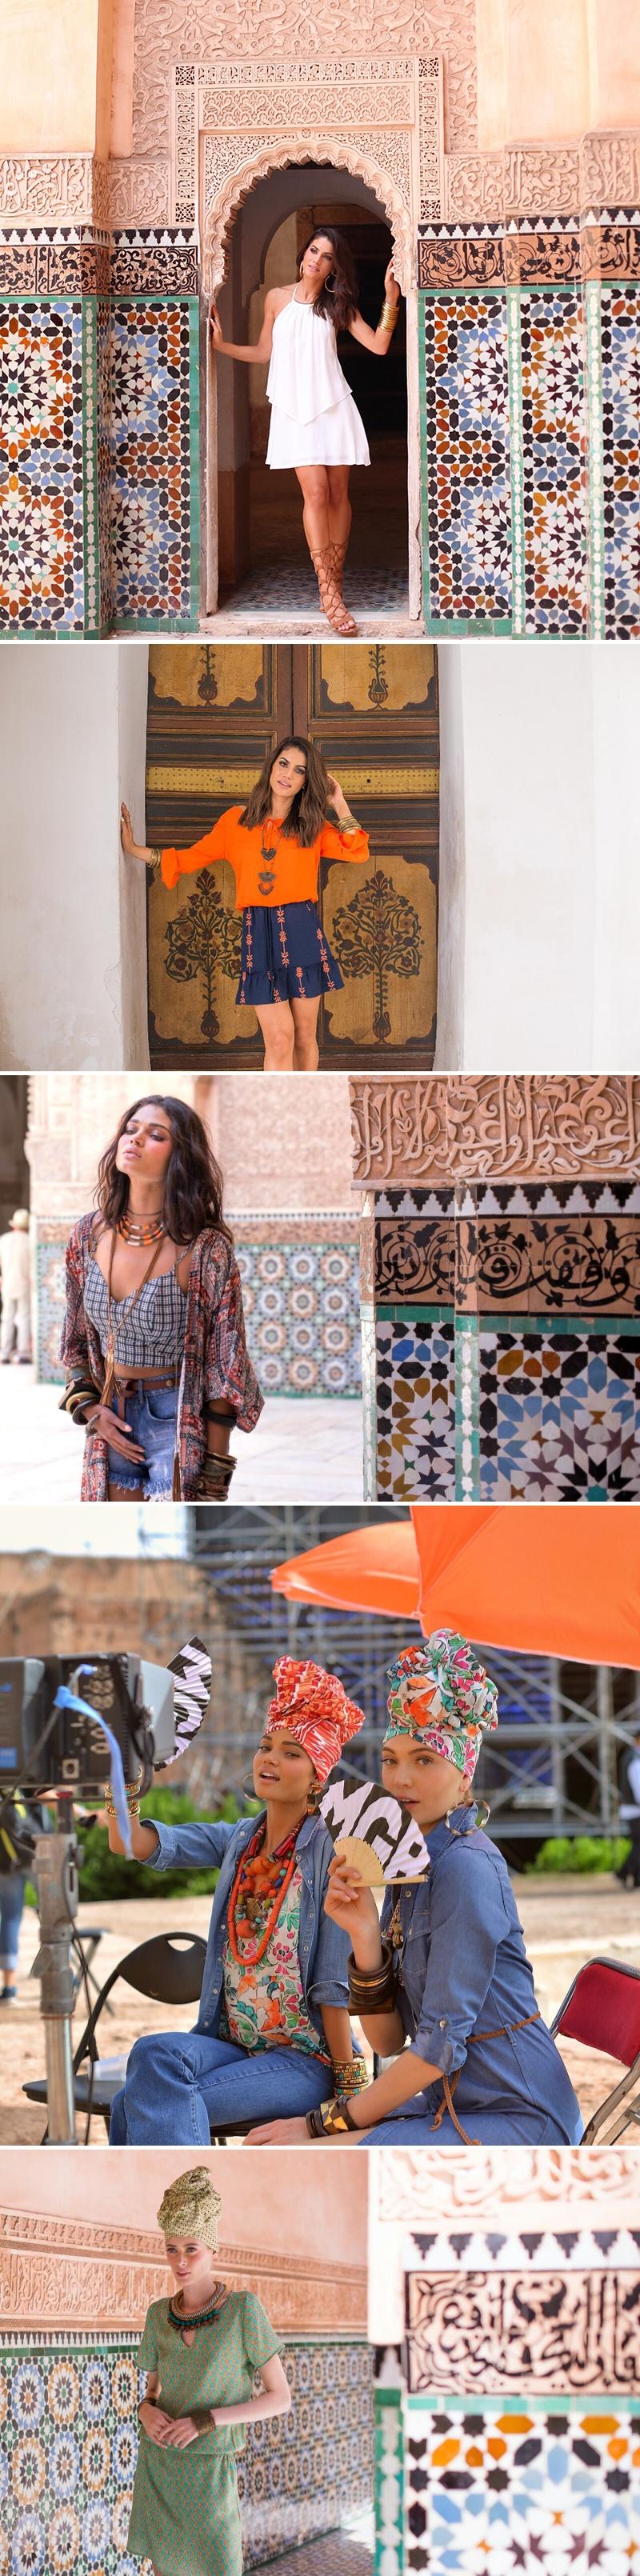 Riachuelo | Coleção Marrocos